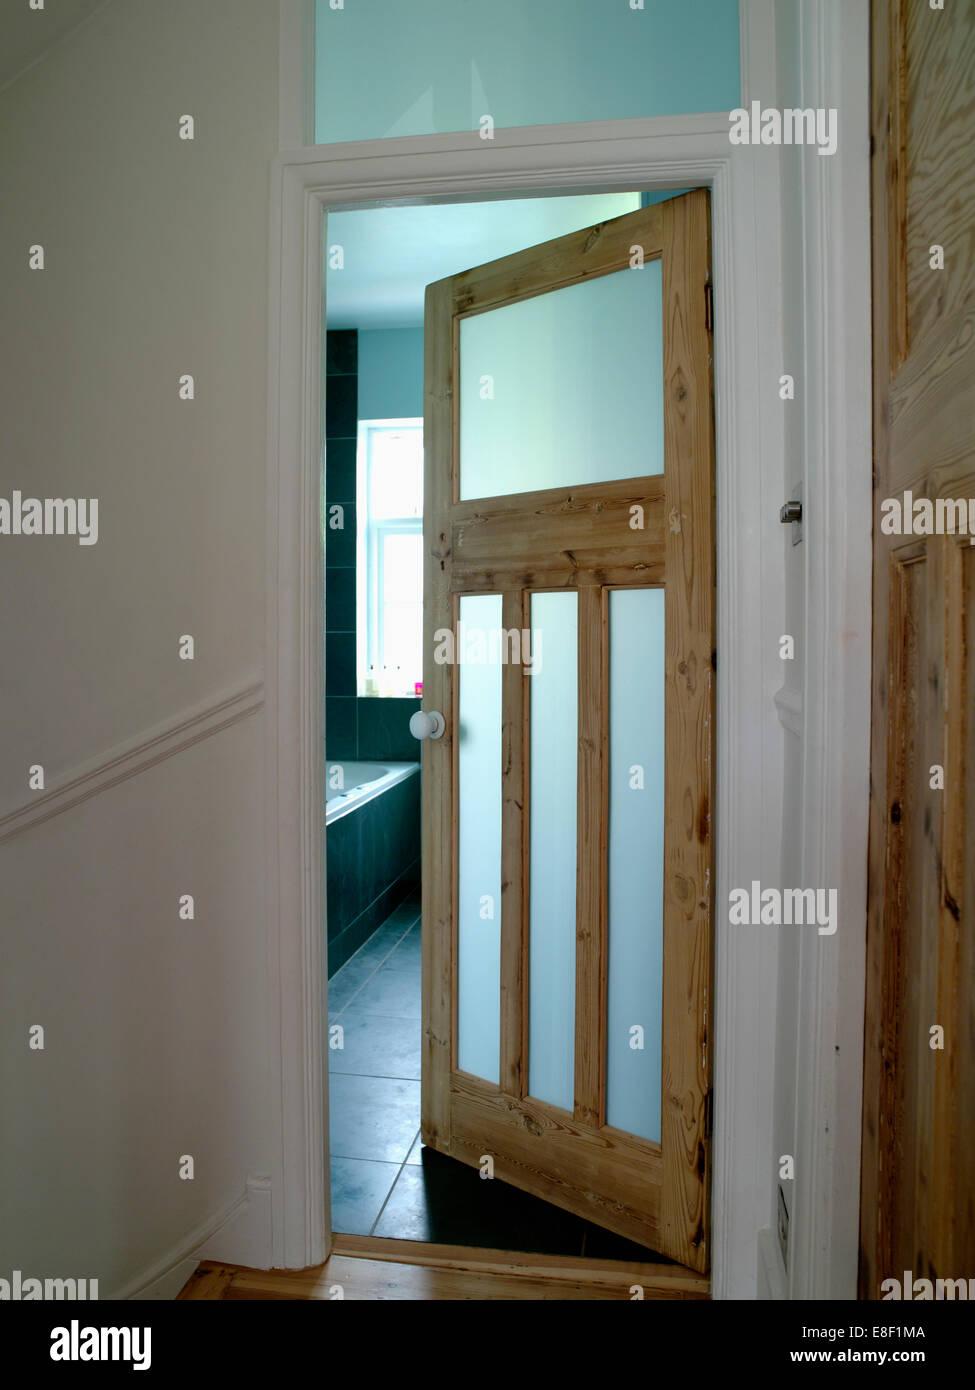 open thirties style bathroom door with opaque glazed